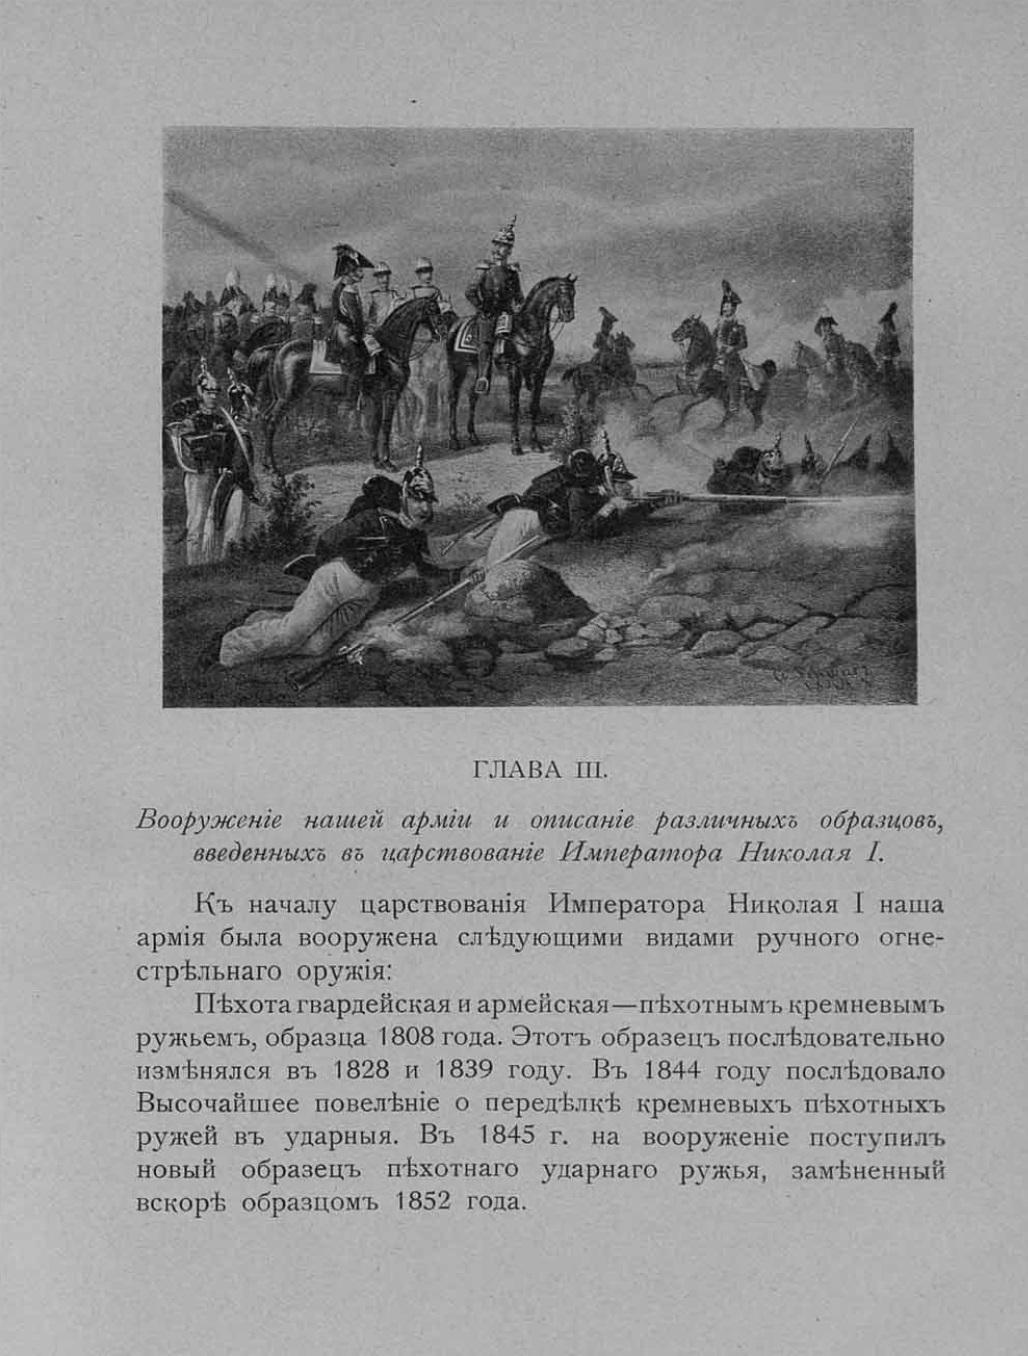 Вооружение Русской армии за 19 столетие с Атласом чертежей В.Г. Федоров